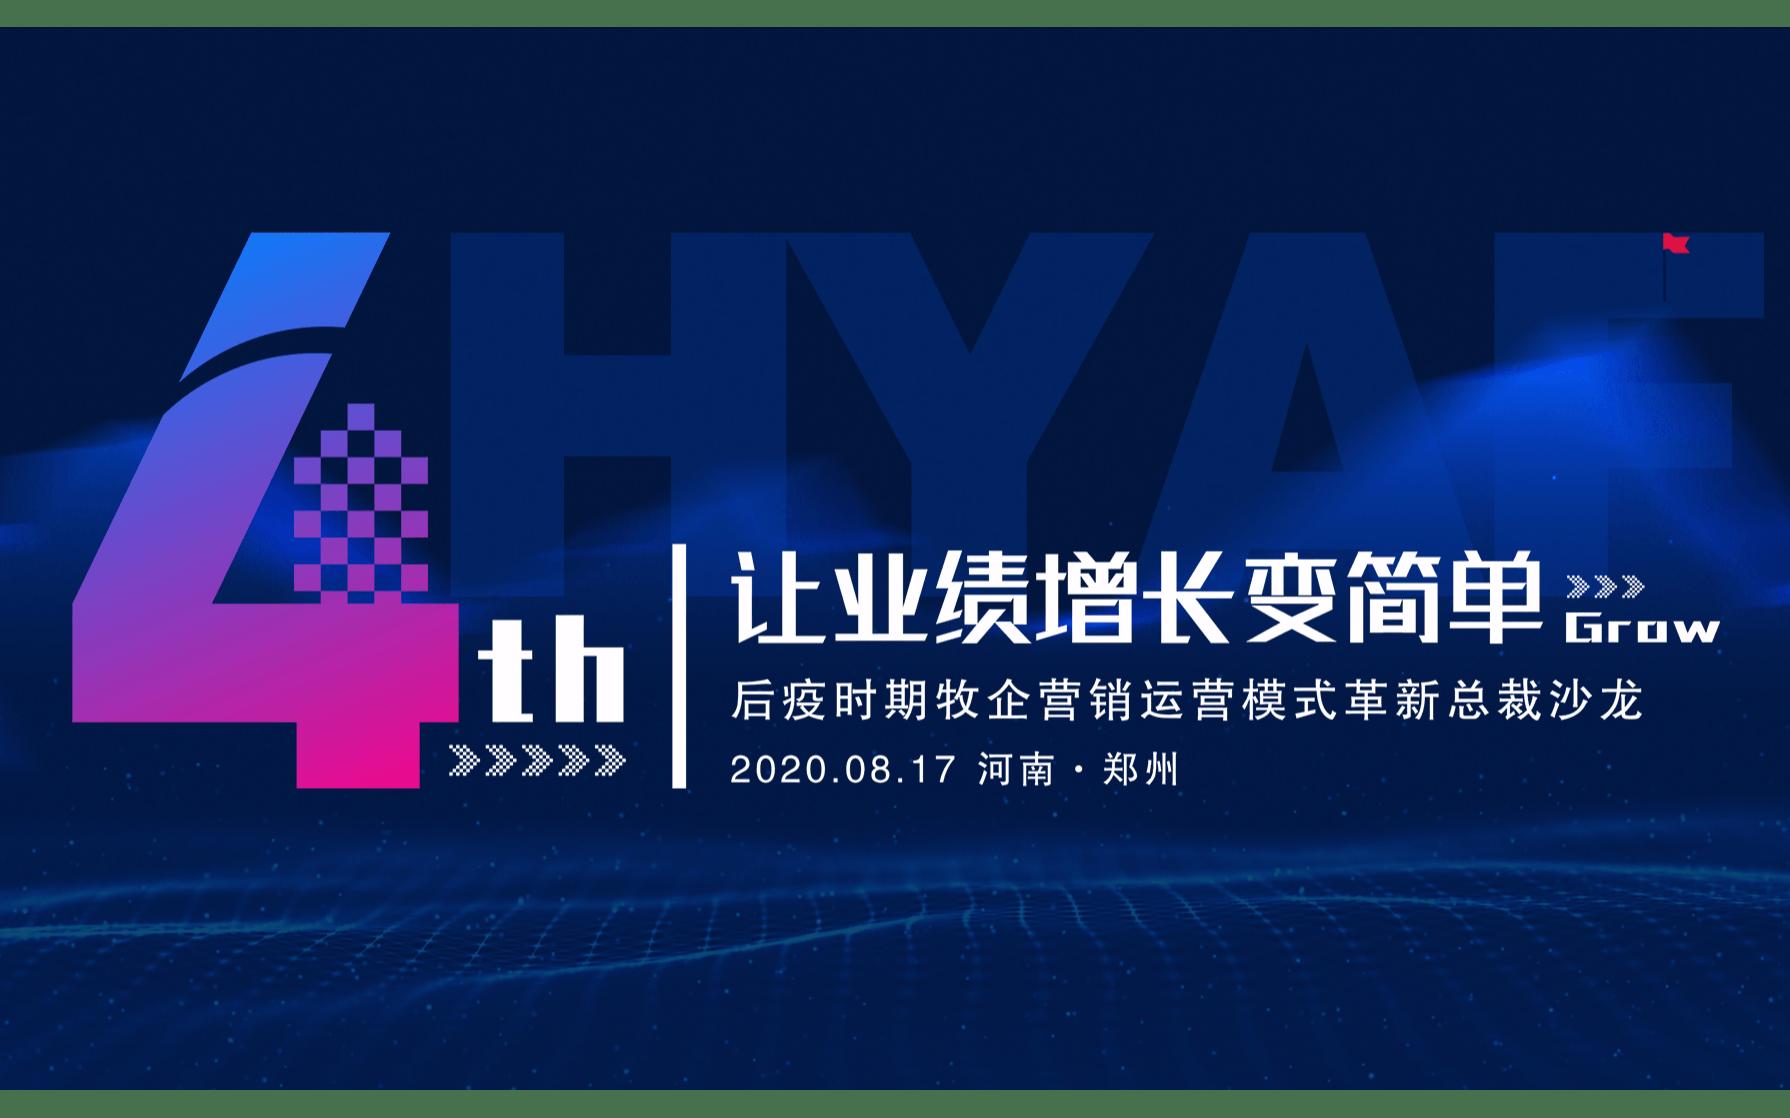 8.17第四期郑州畜牧企业家总裁沙龙会议